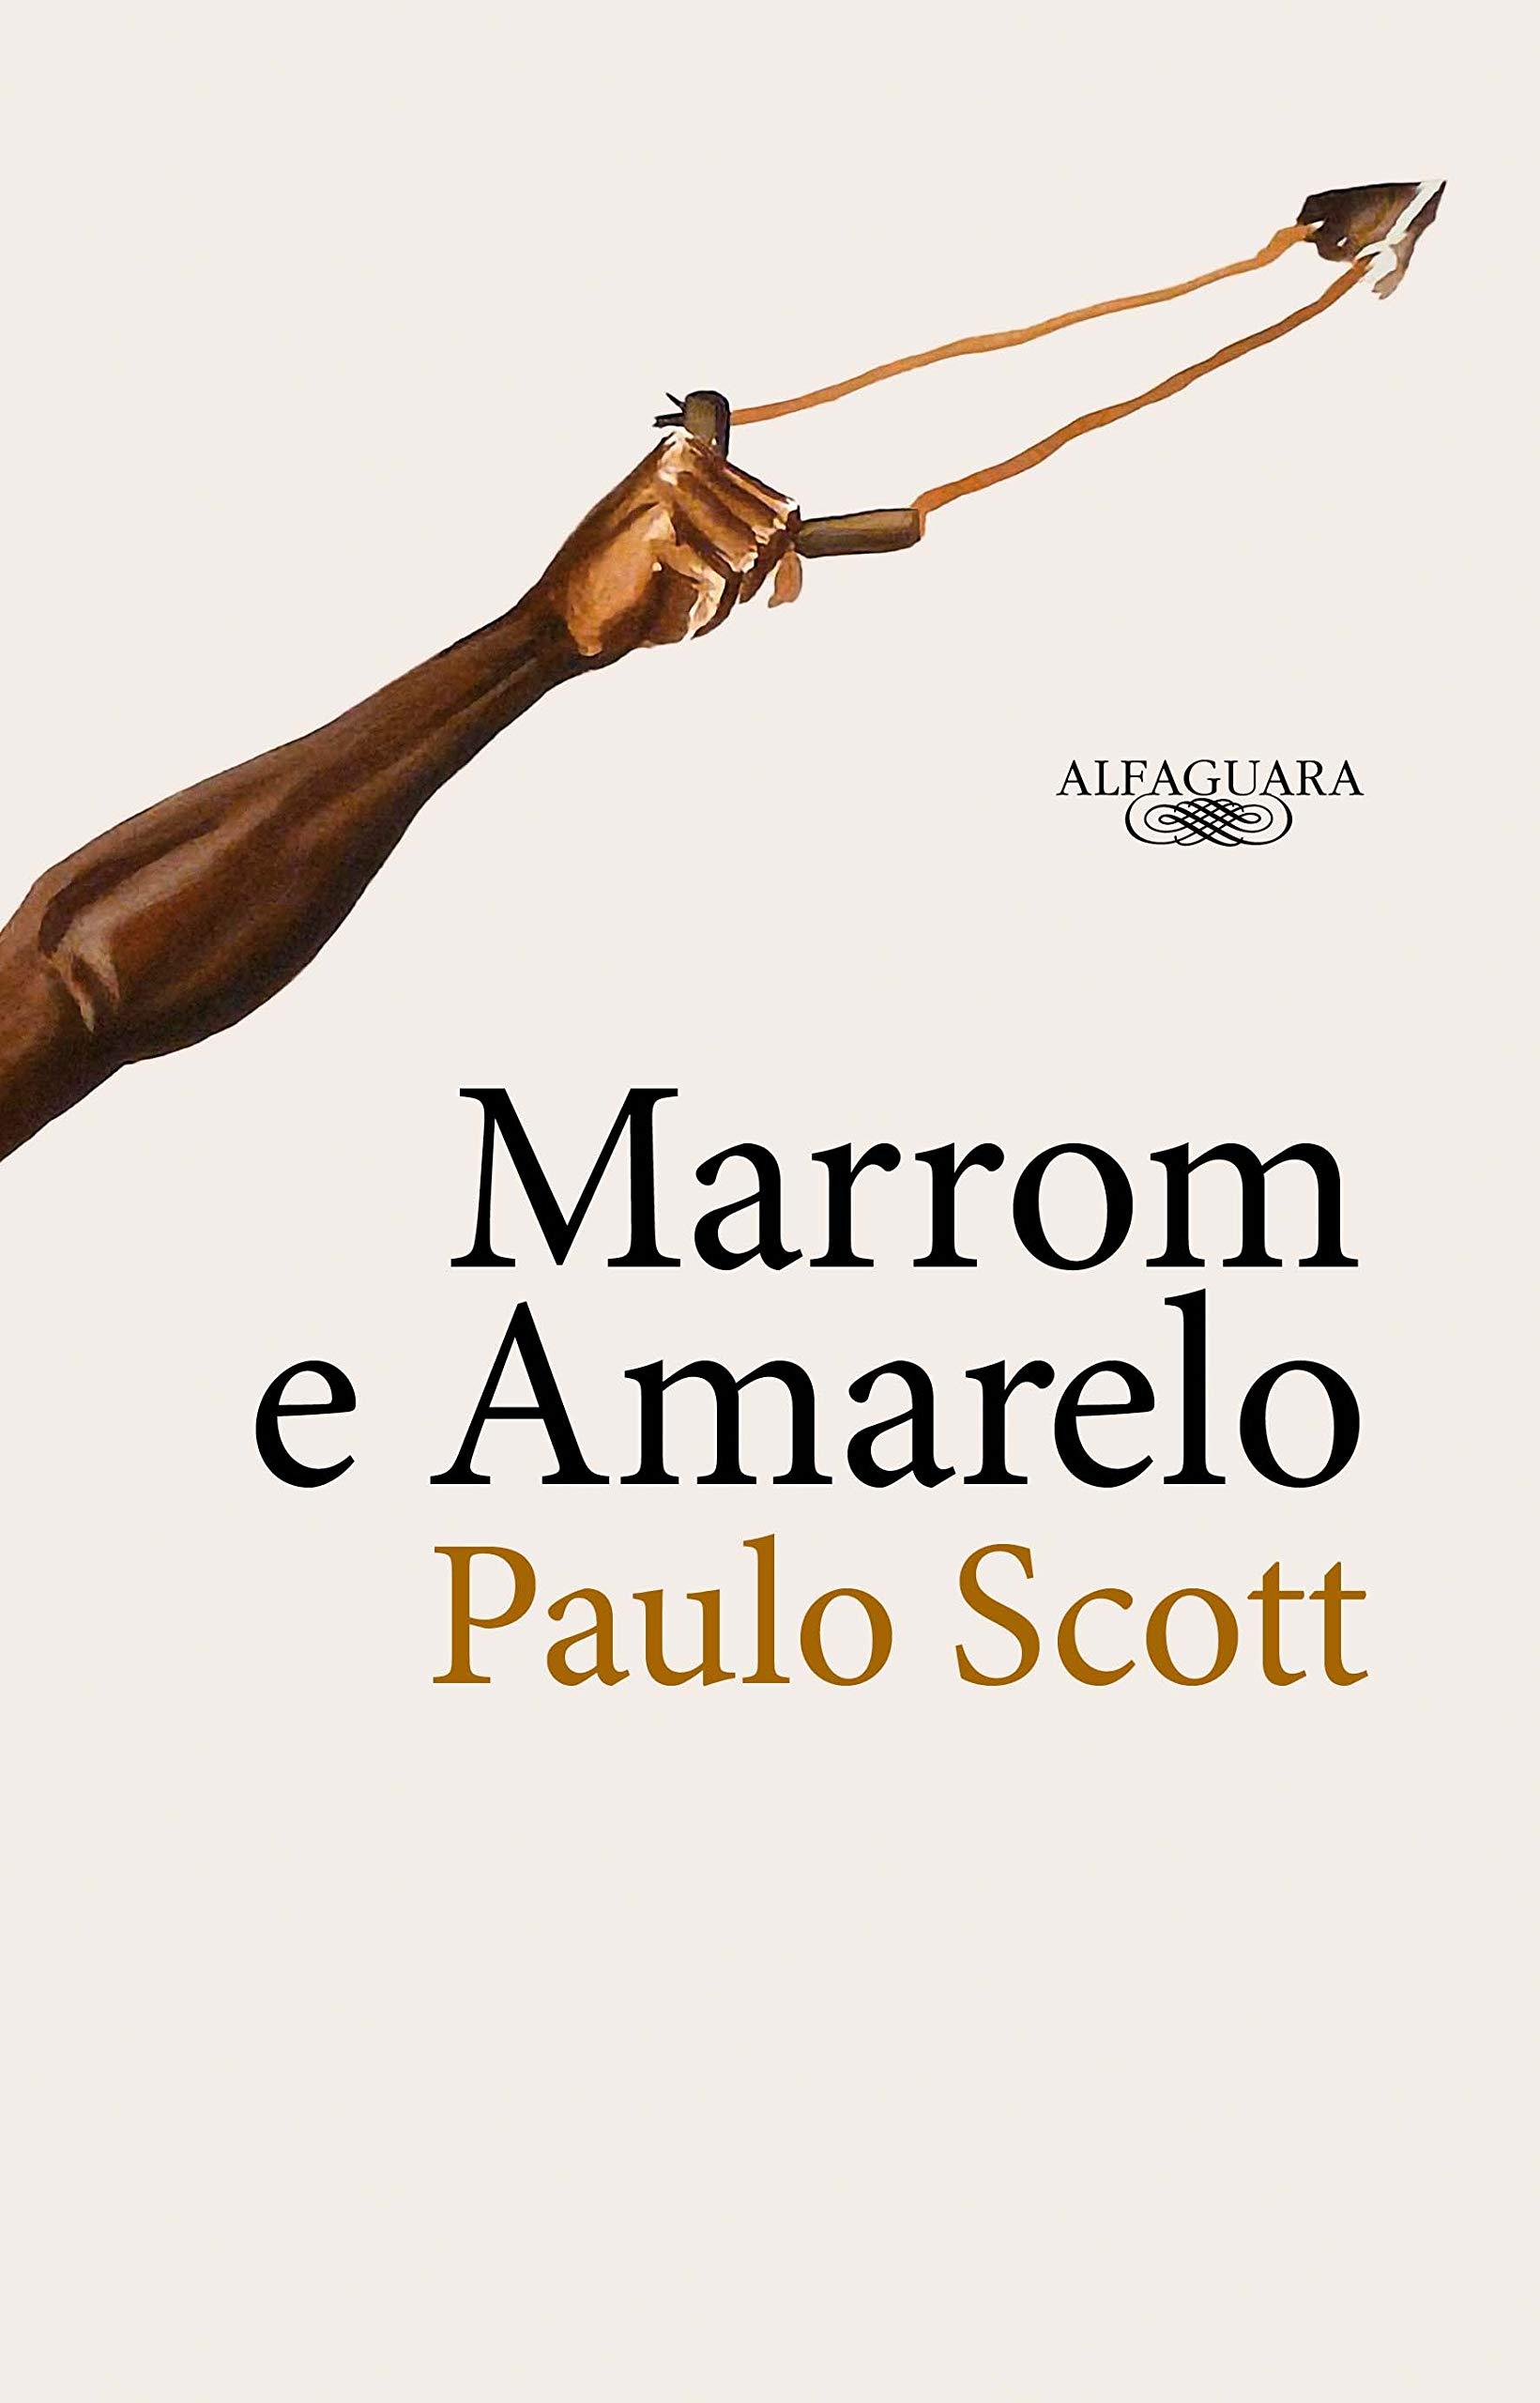 Marrom e amarelo | Amazon.com.br